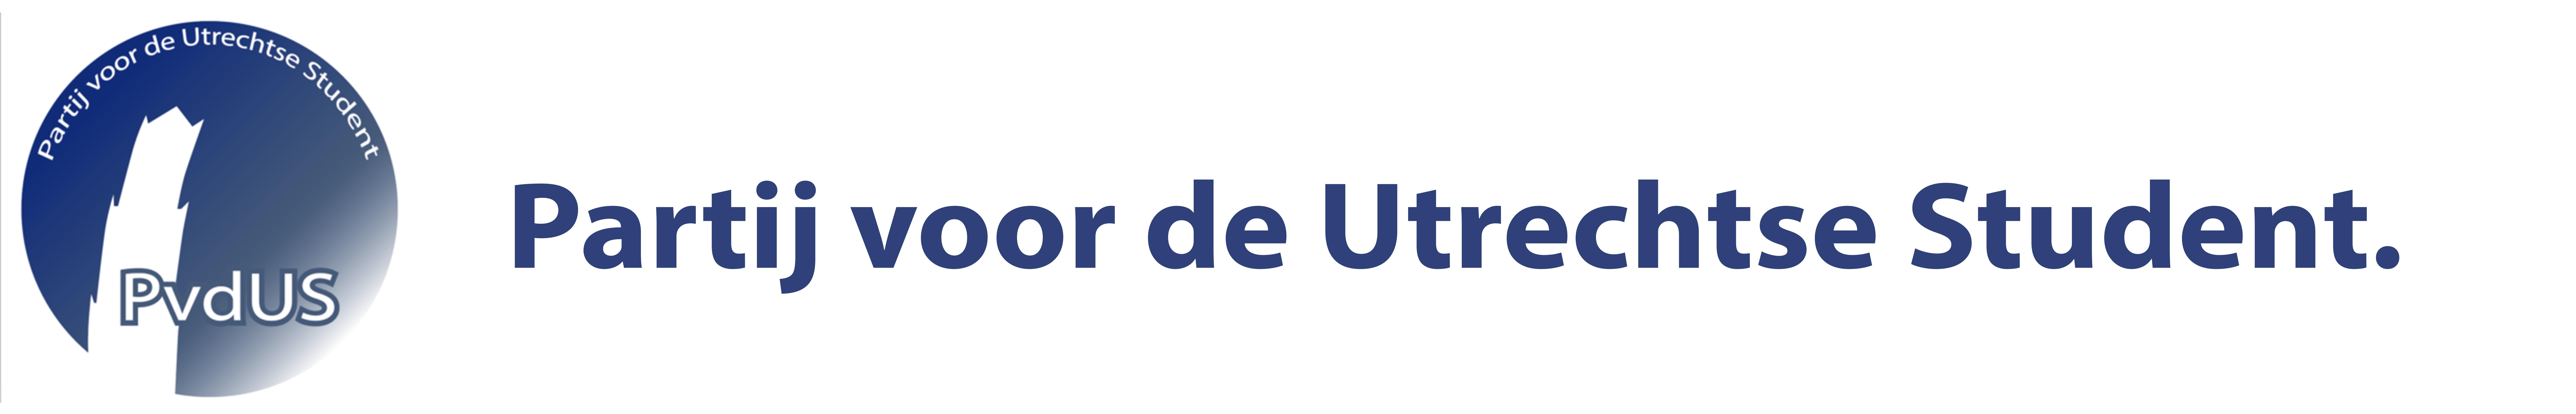 Partij voor de Utrechtse Student